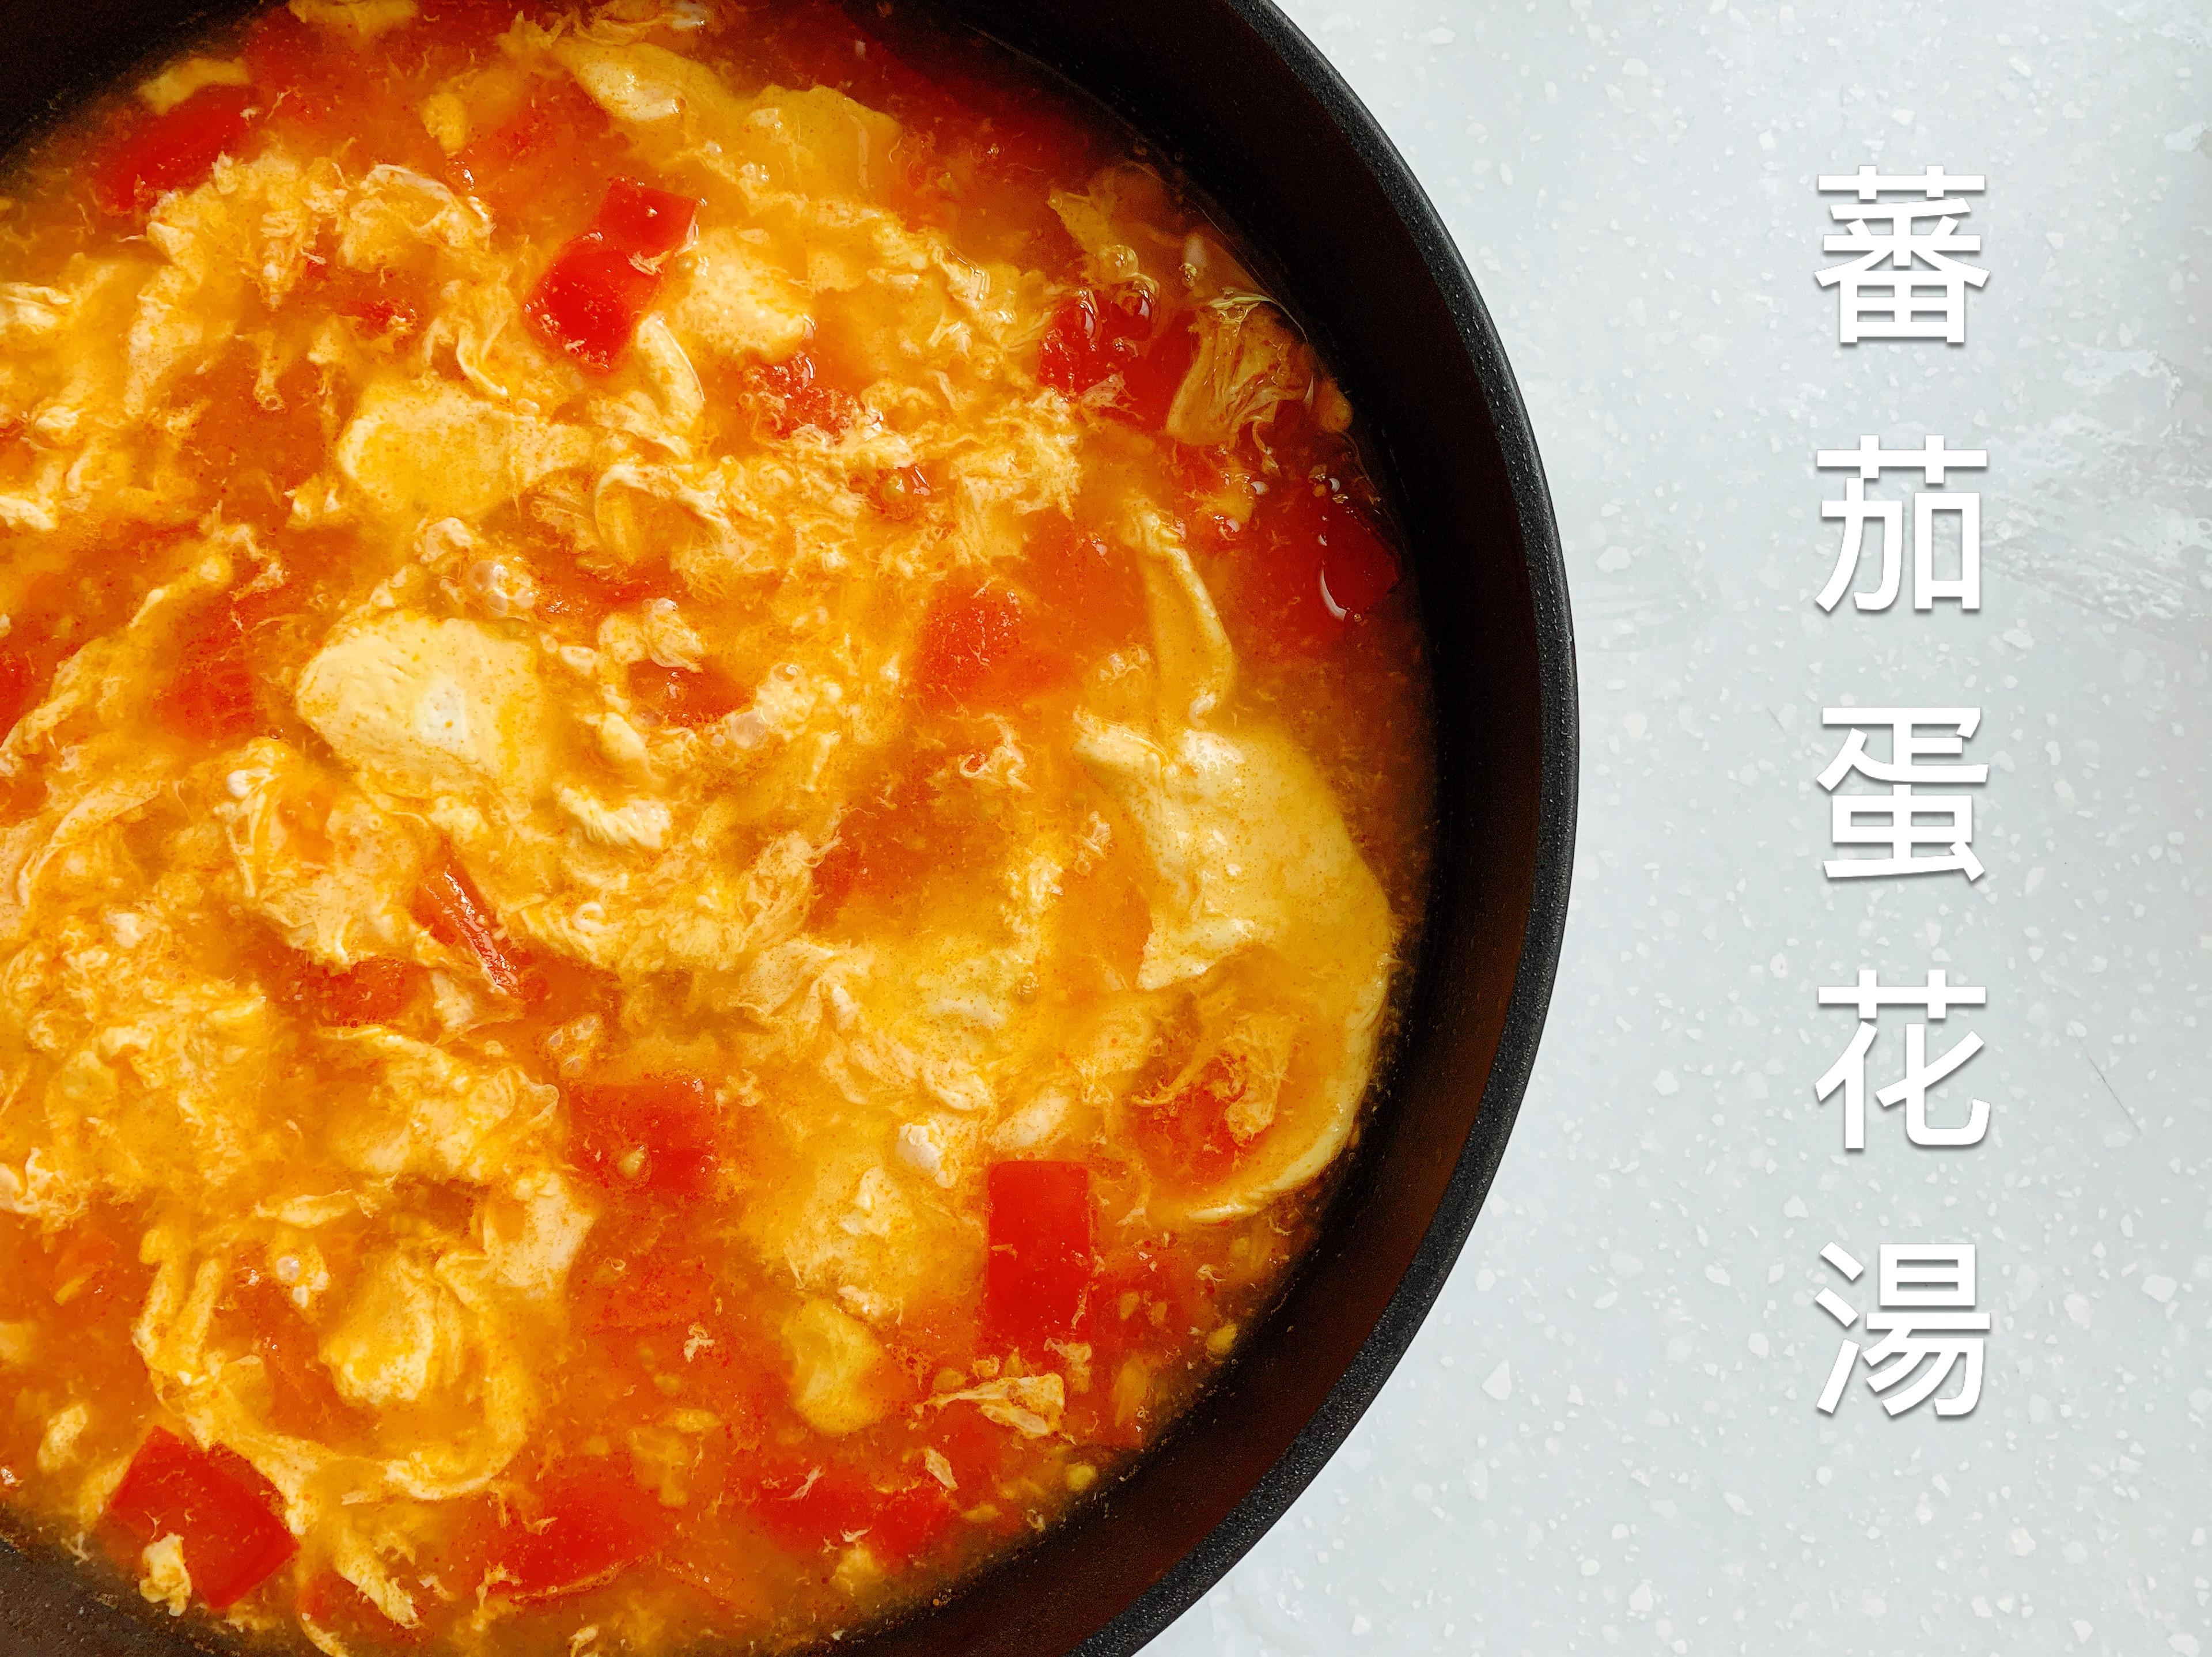 [可做寶寶副食品]蕃茄蛋花湯